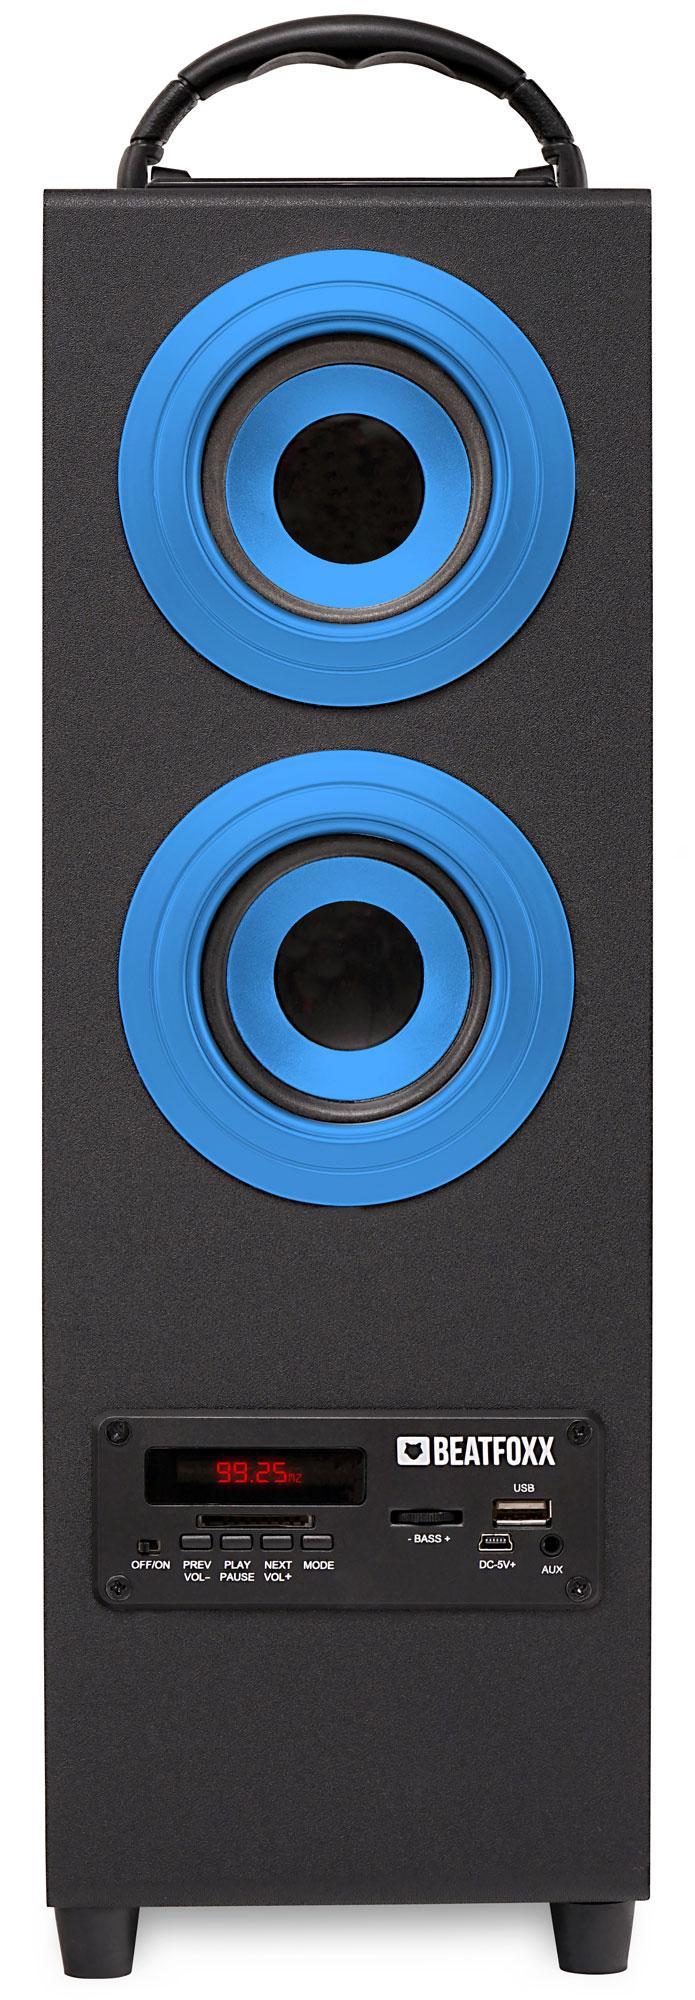 beatfoxx beachside portabler bluetooth lautsprecher. Black Bedroom Furniture Sets. Home Design Ideas